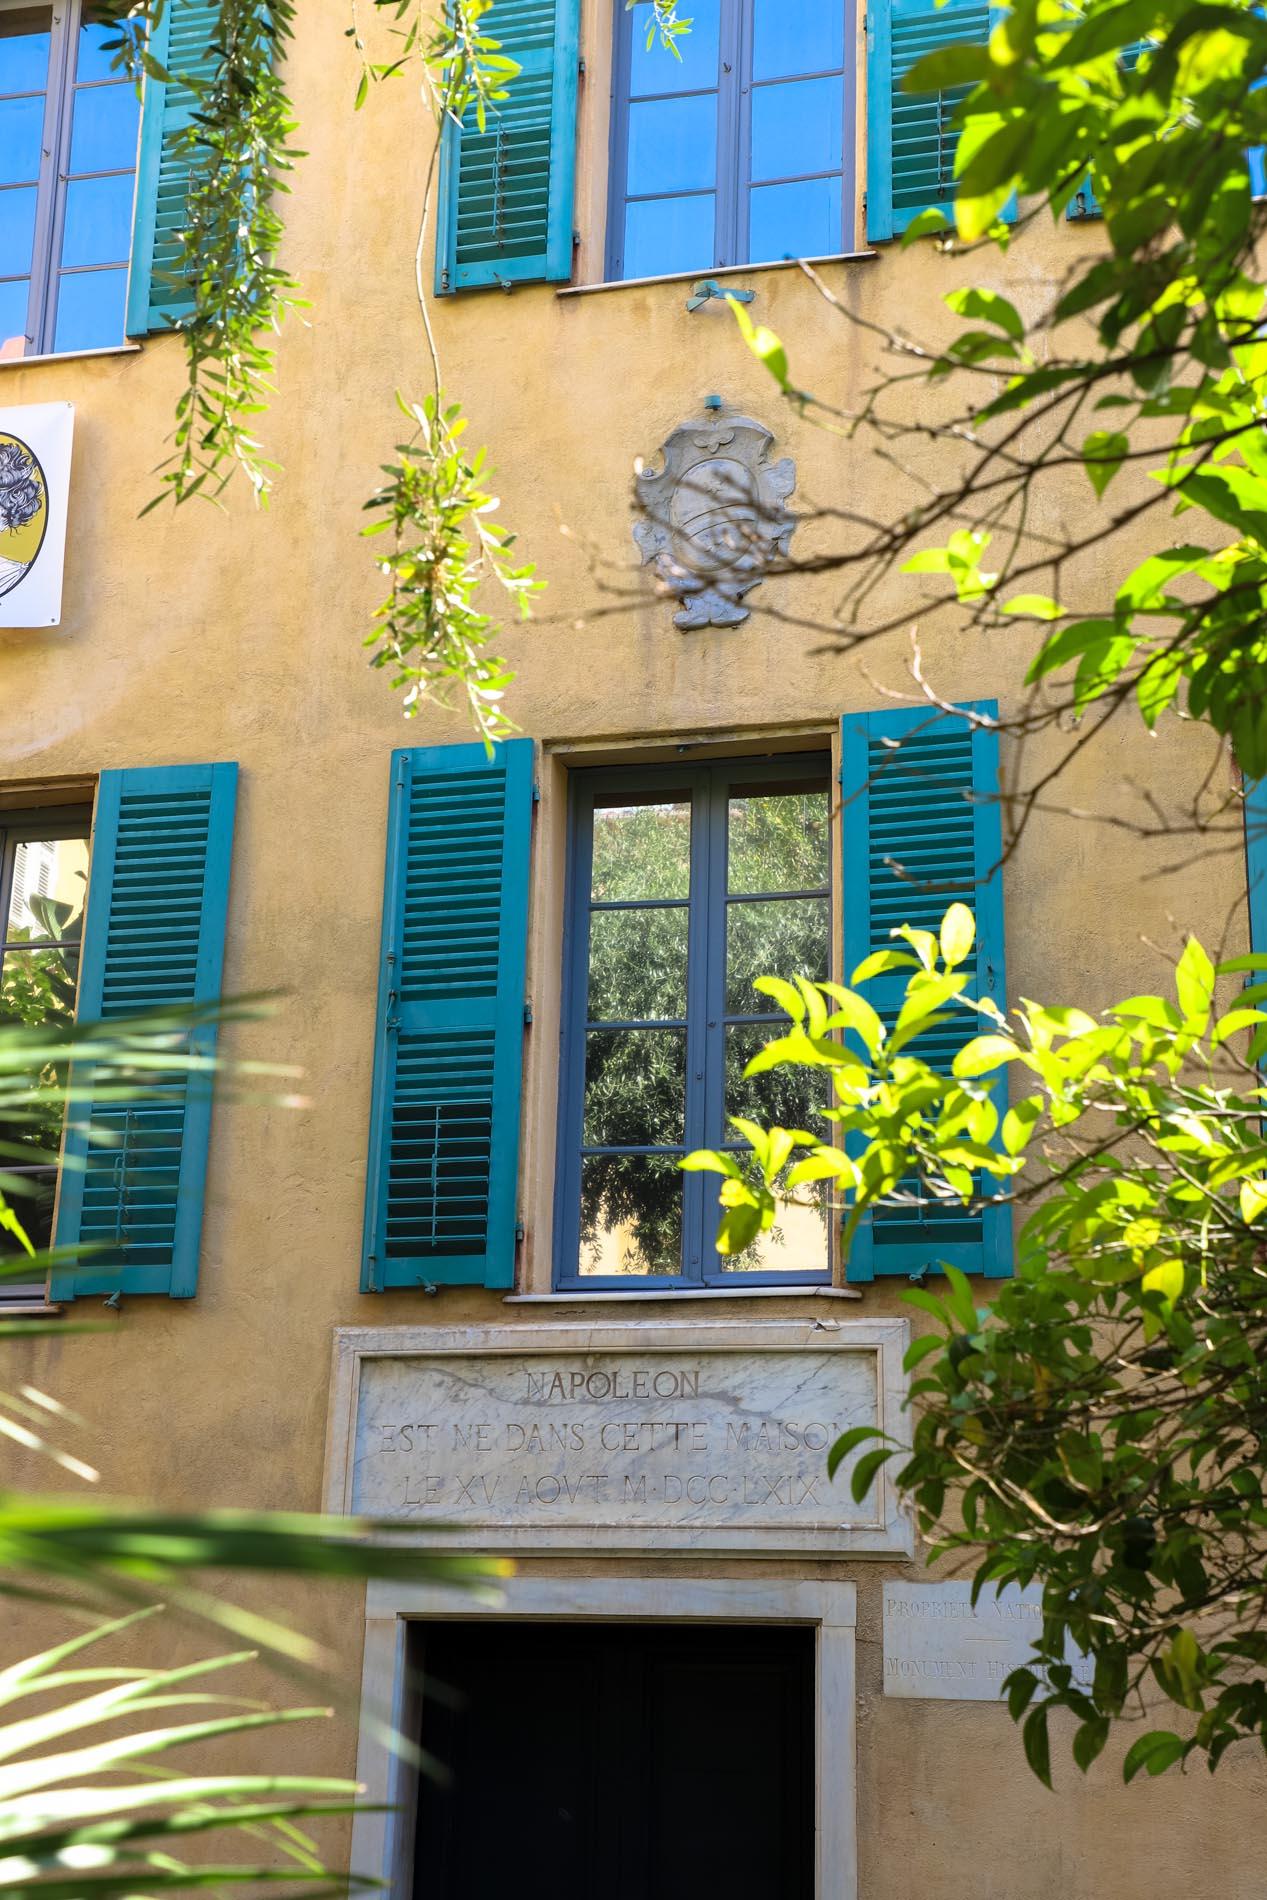 Maison-Napoleon-Ajaccio-Corse